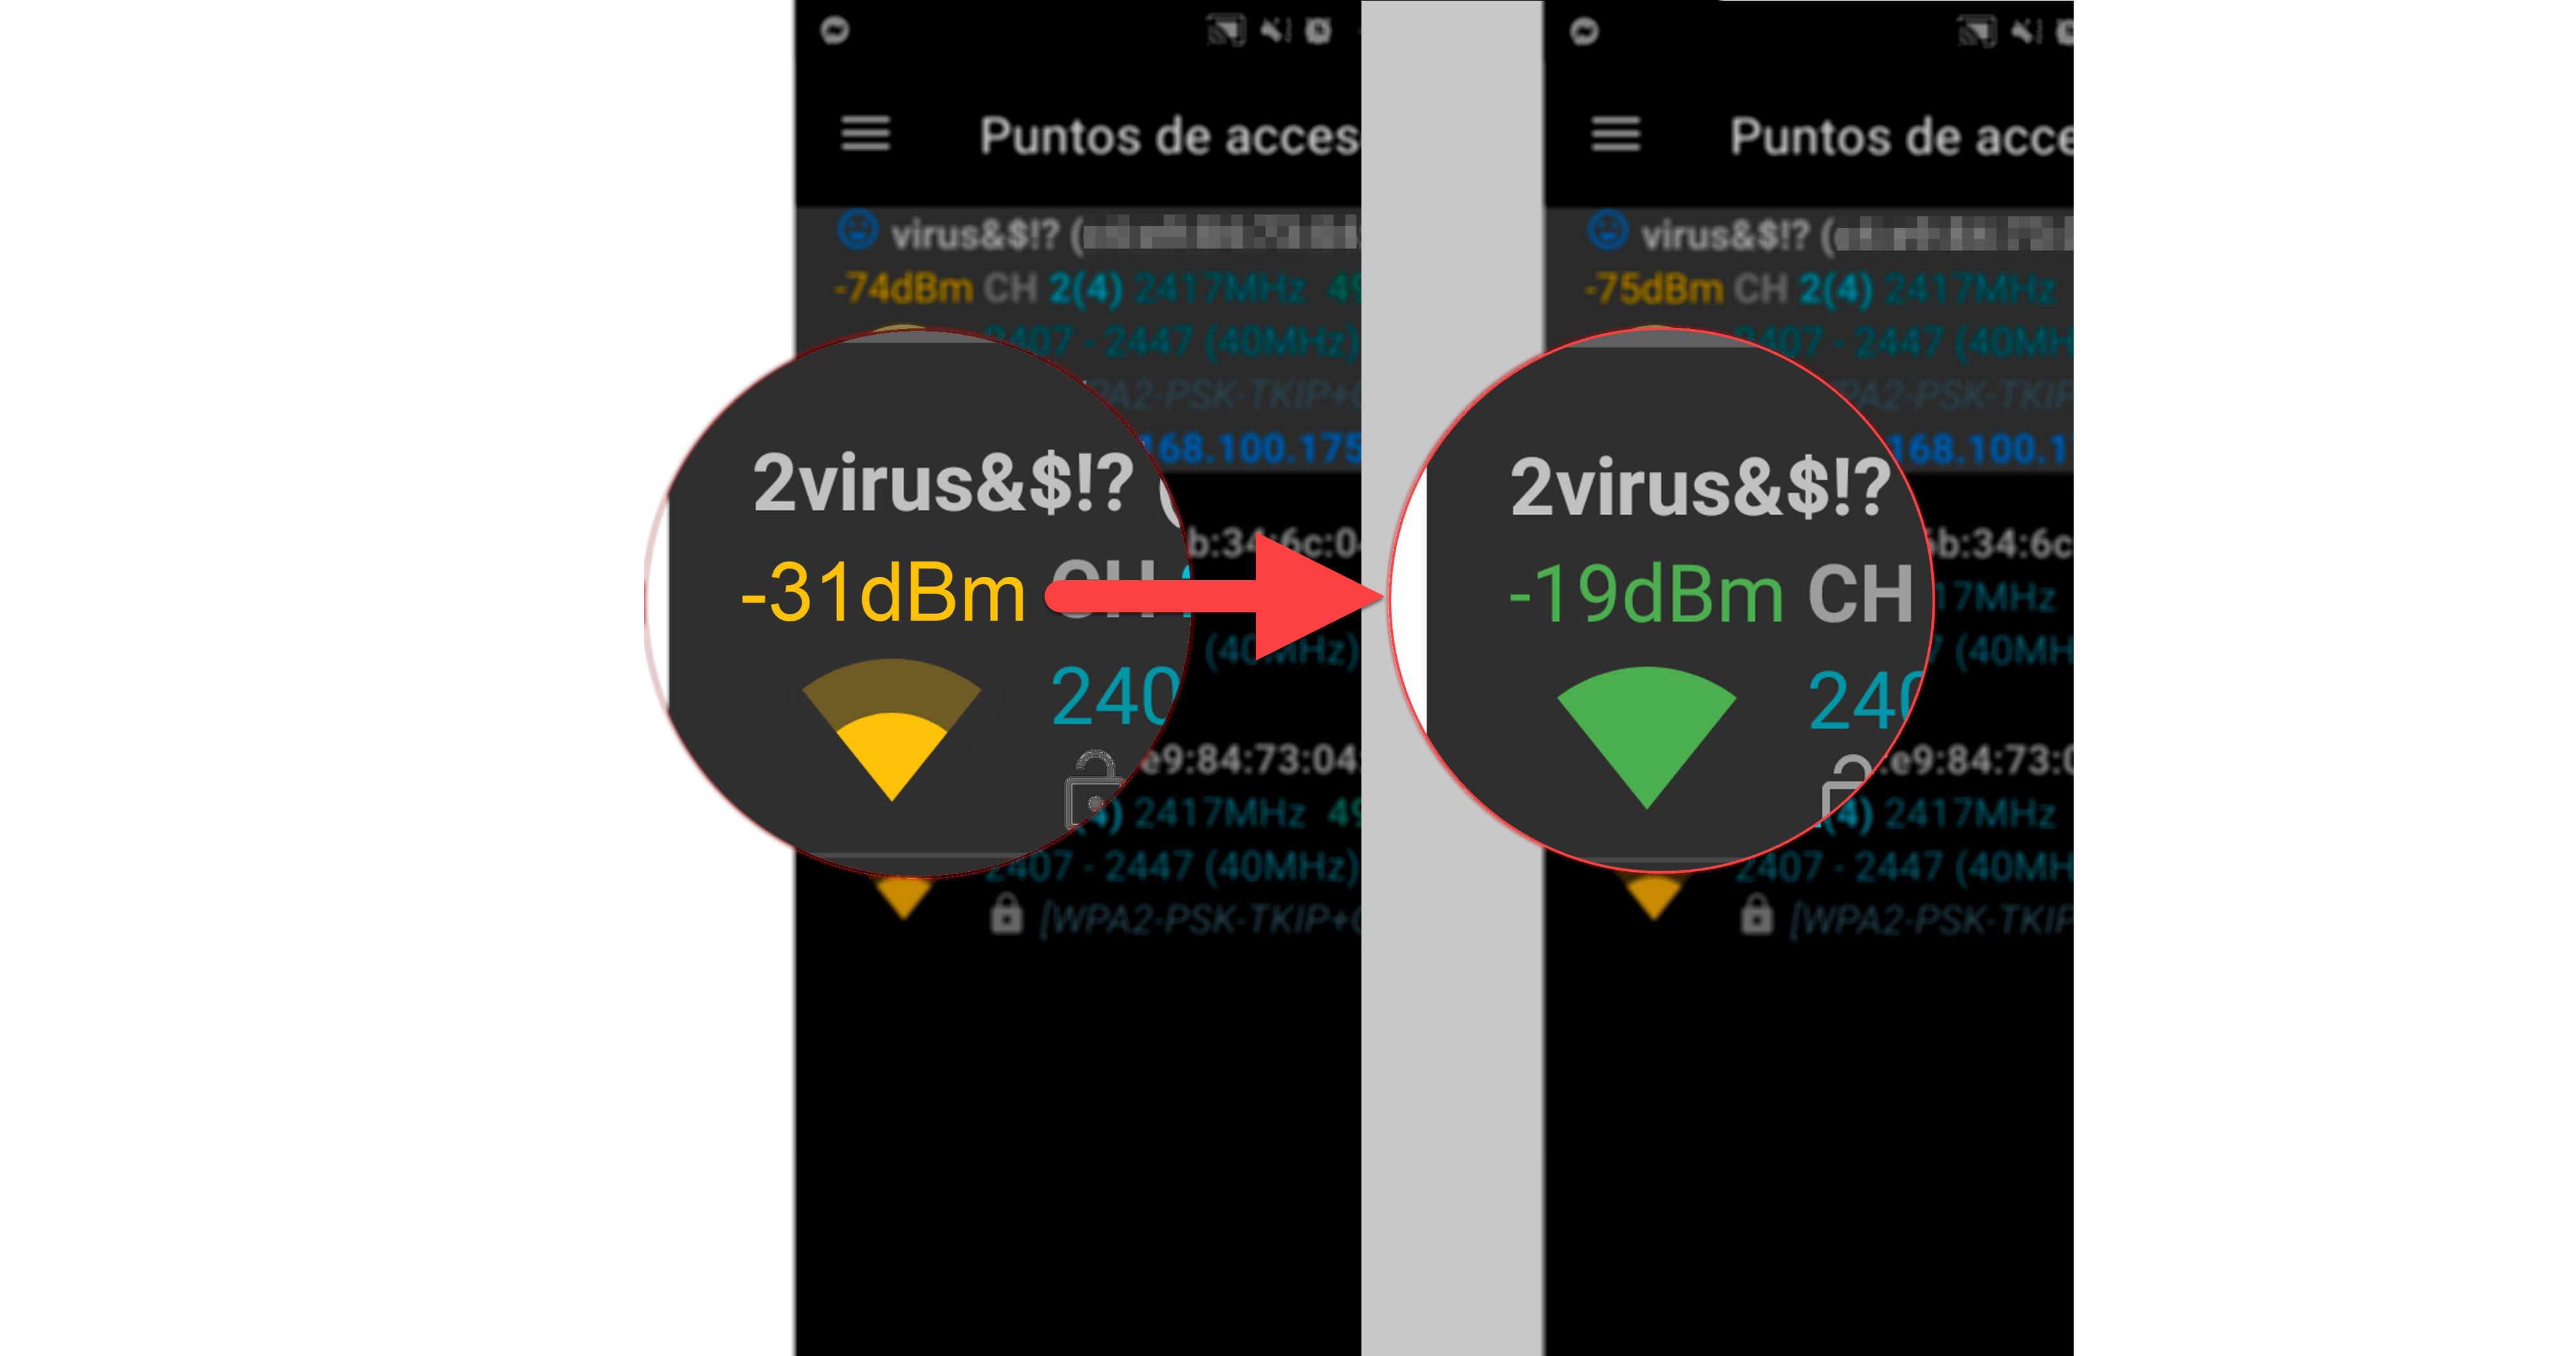 Aumenta la señal WiFi instalando otro firmware en el router